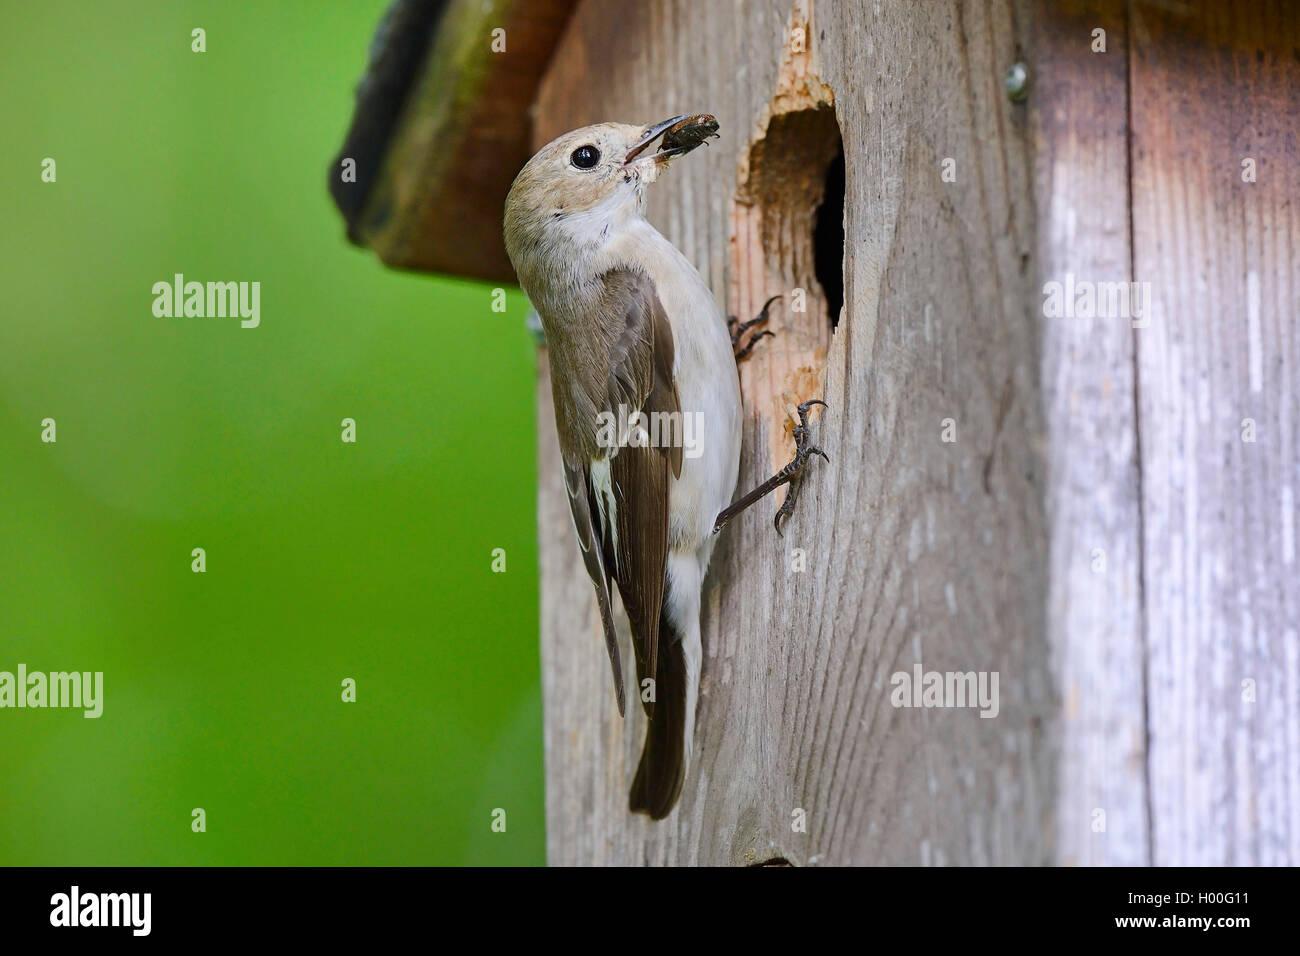 Trauerschnaepper, Trauer-Schnaepper, Trauerfliegenschnaepper, Trauer-Fliegenschnaepper (Ficedula hypoleuca), mit Immagini Stock